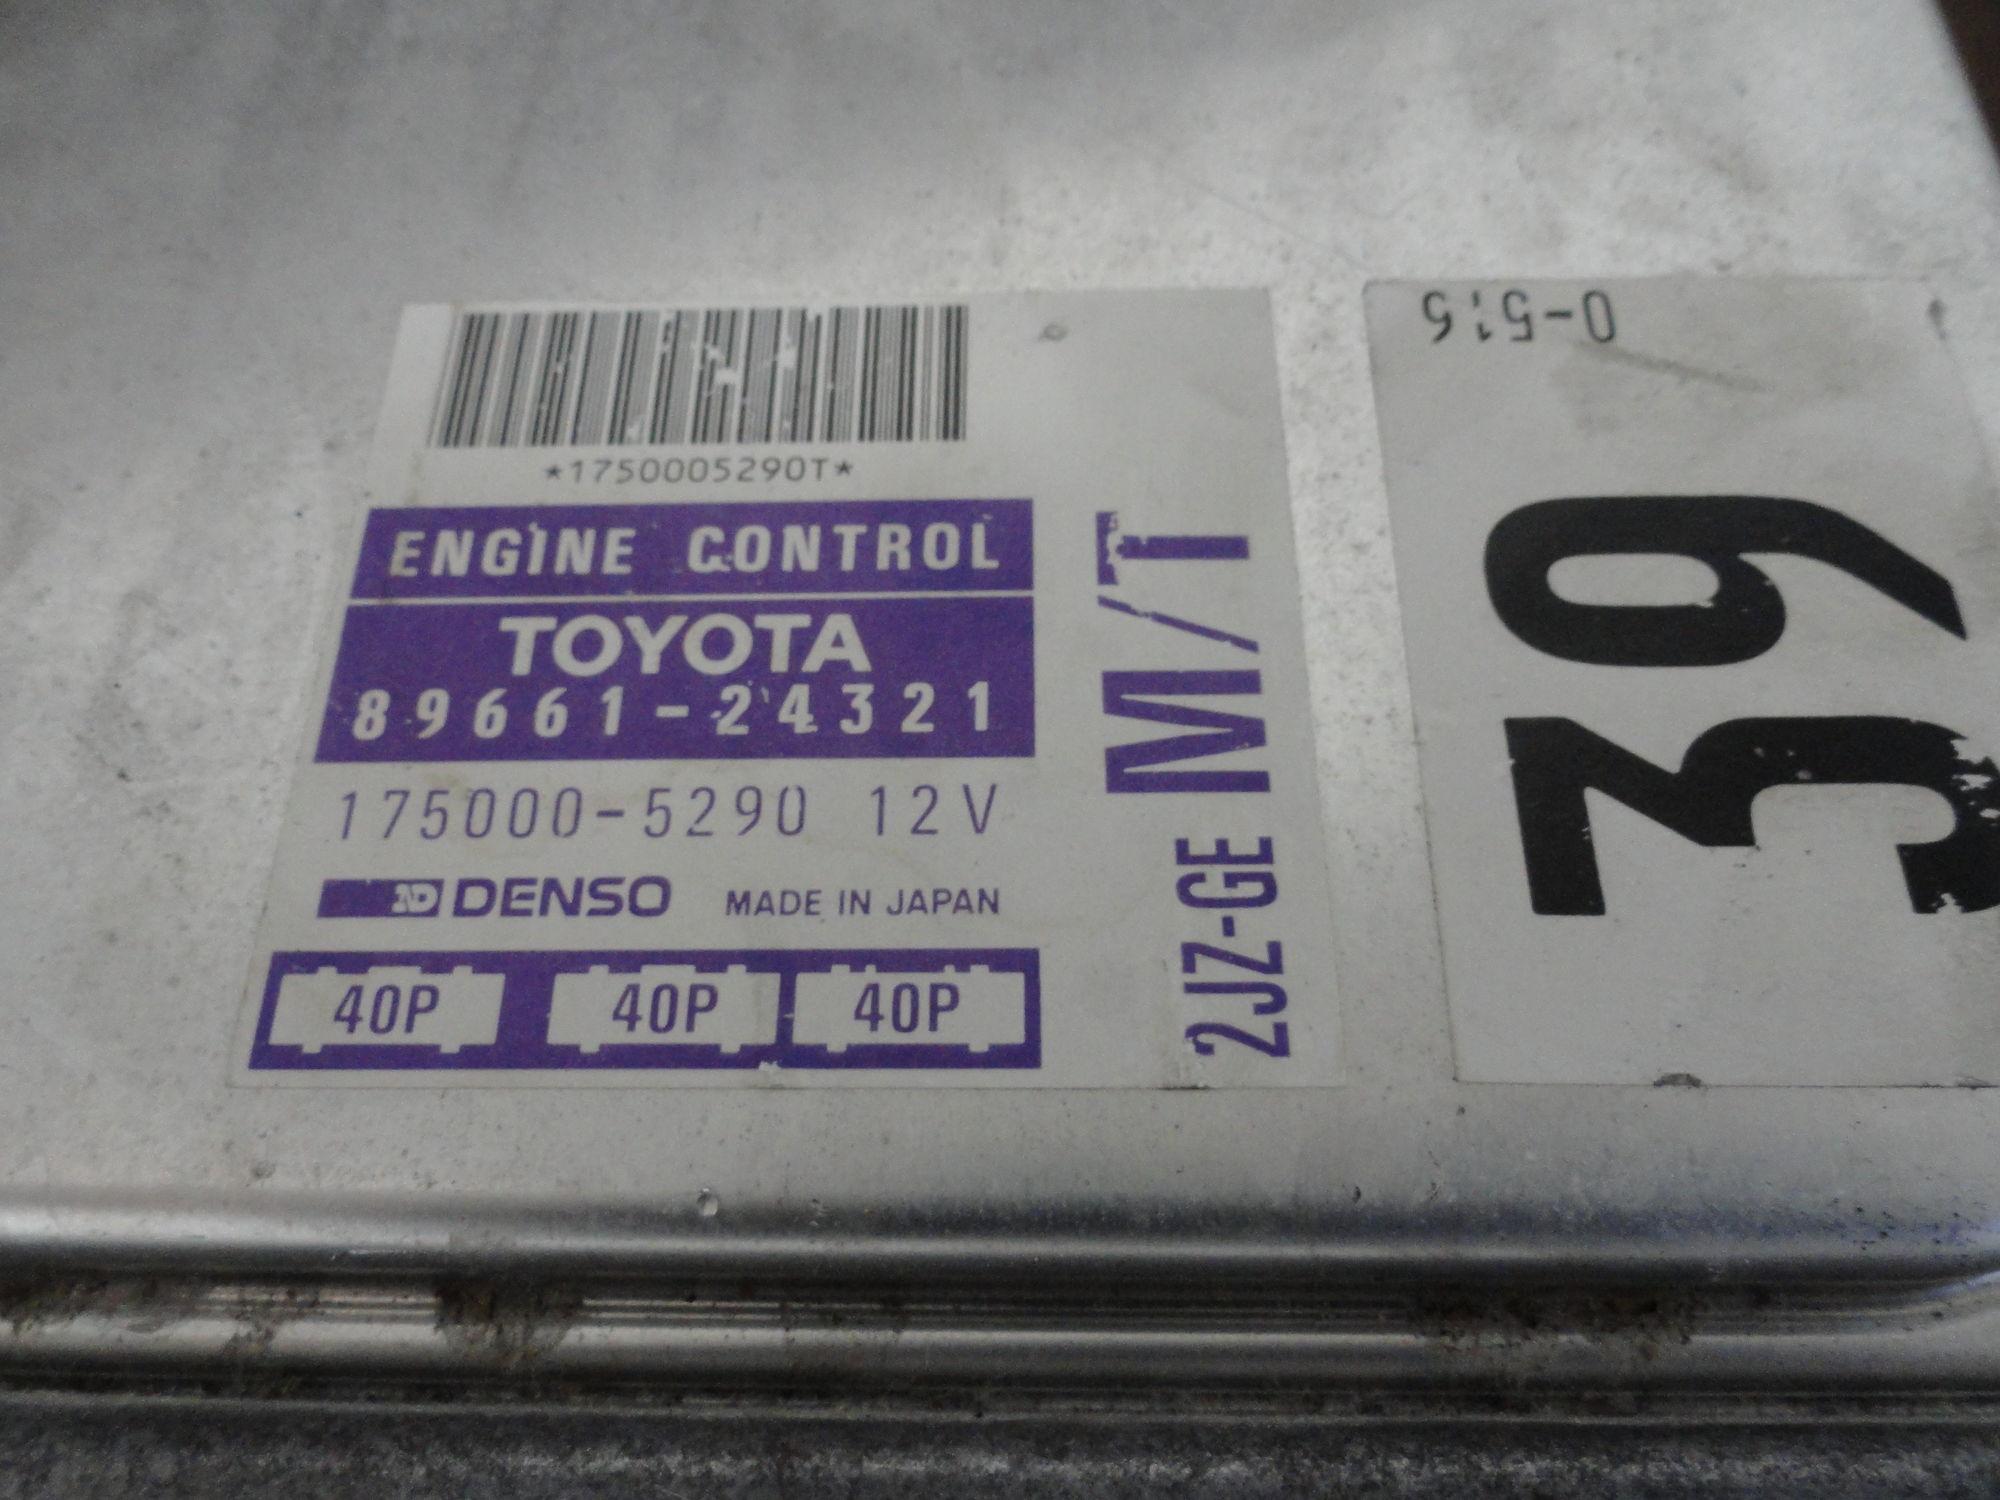 1996 lexus sc400 engine wiring diagram 2002 lexus ls430